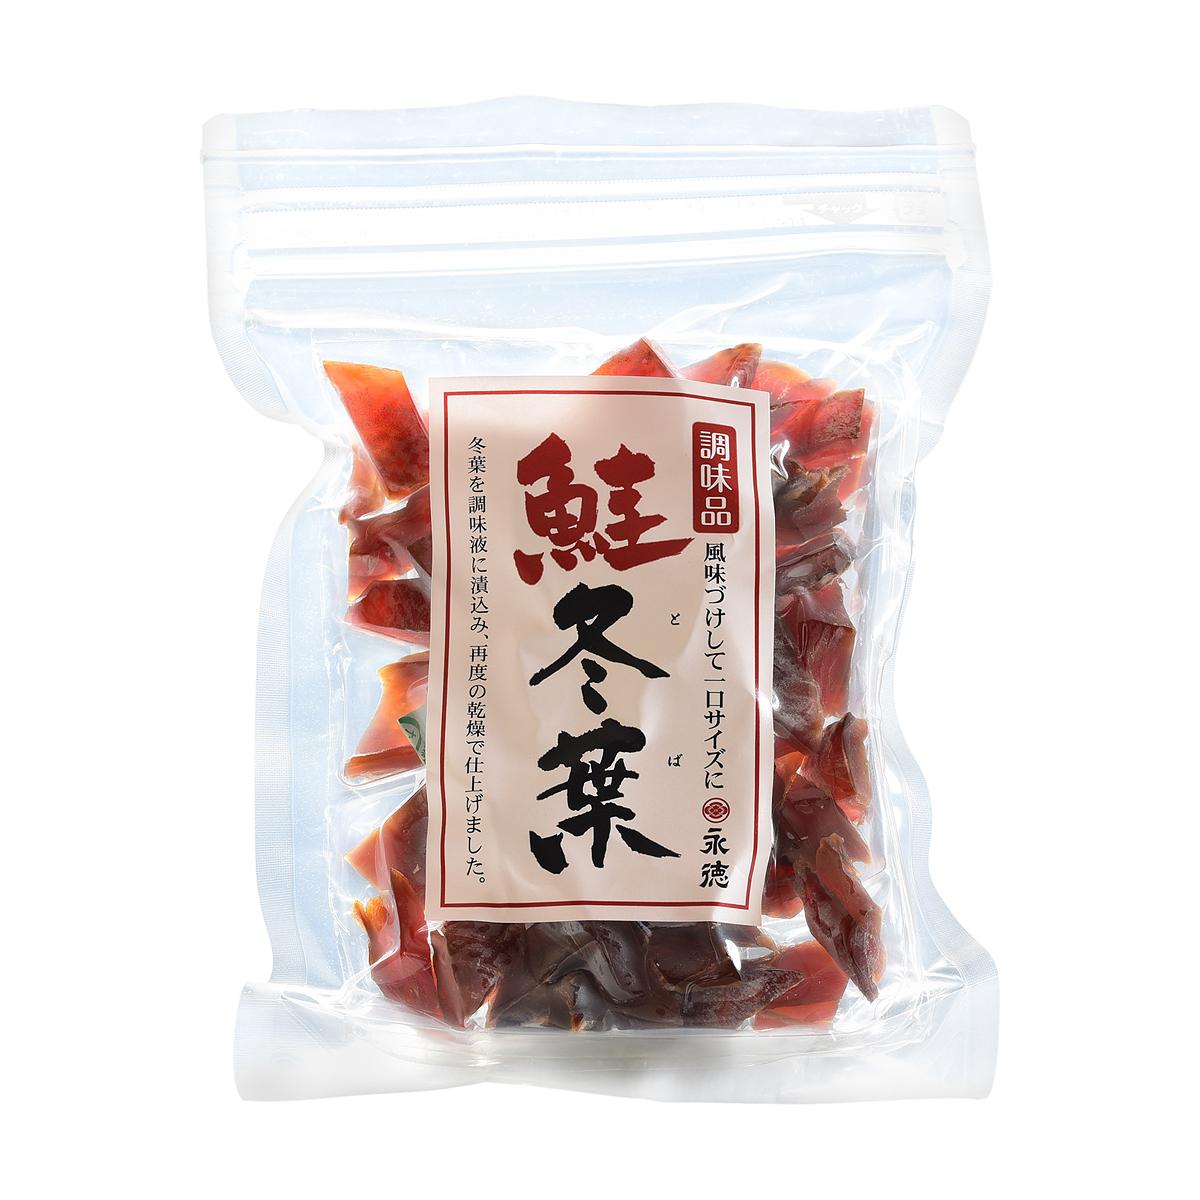 味つけ 鮭とば (鮭冬葉)  100g